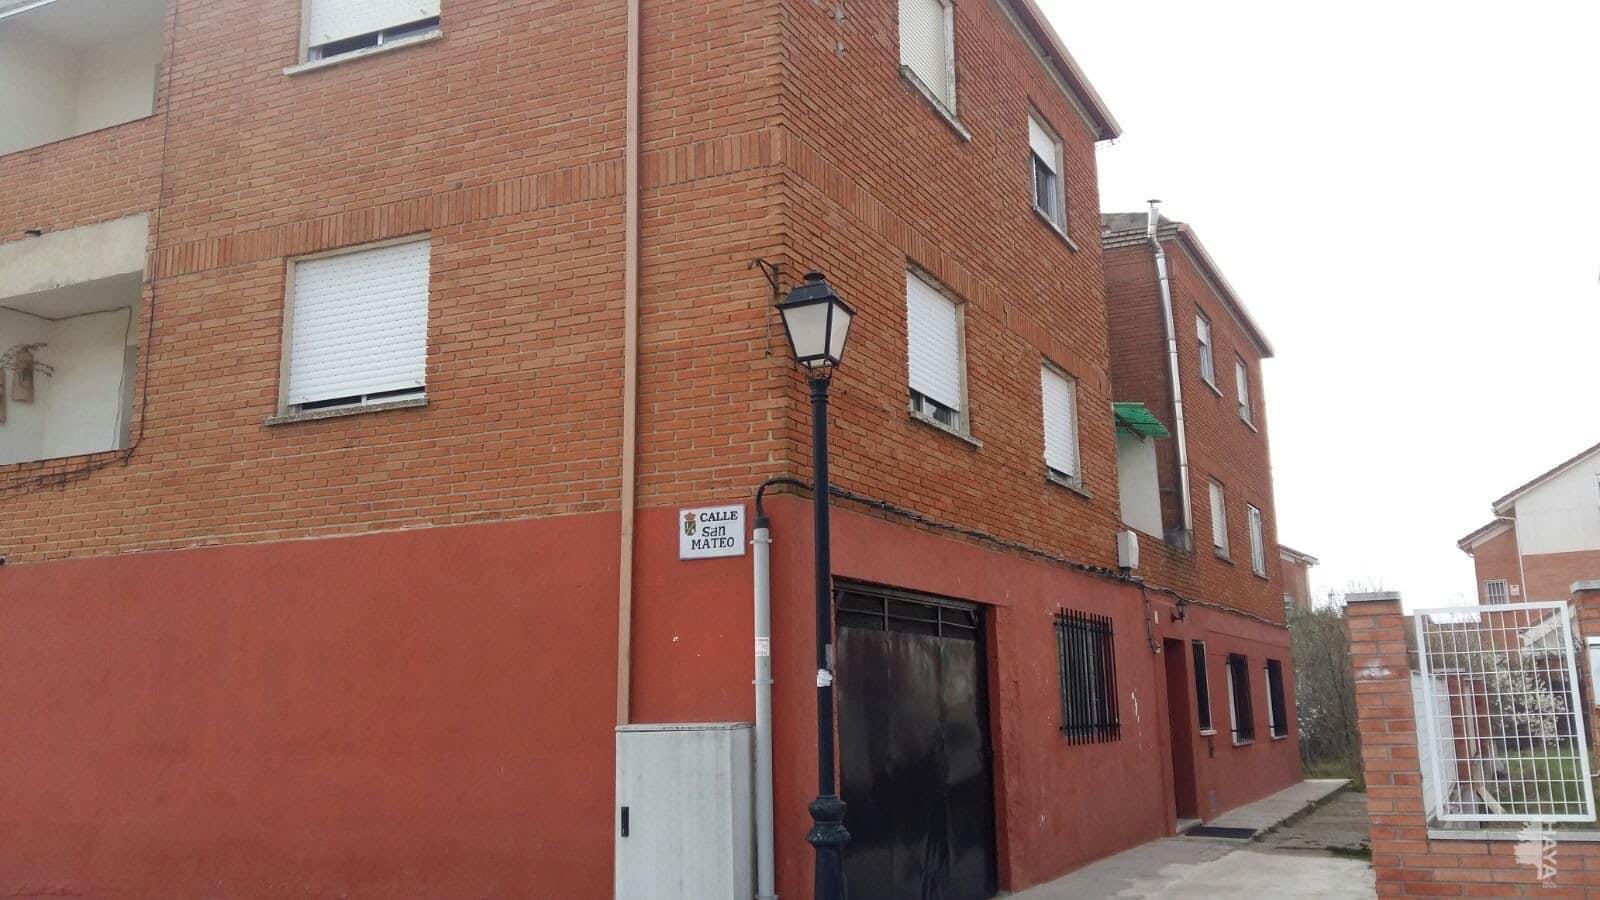 Piso en venta en Pozo de Guadalajara, Guadalajara, Calle San Mateo, 53.784 €, 3 habitaciones, 1 baño, 75 m2